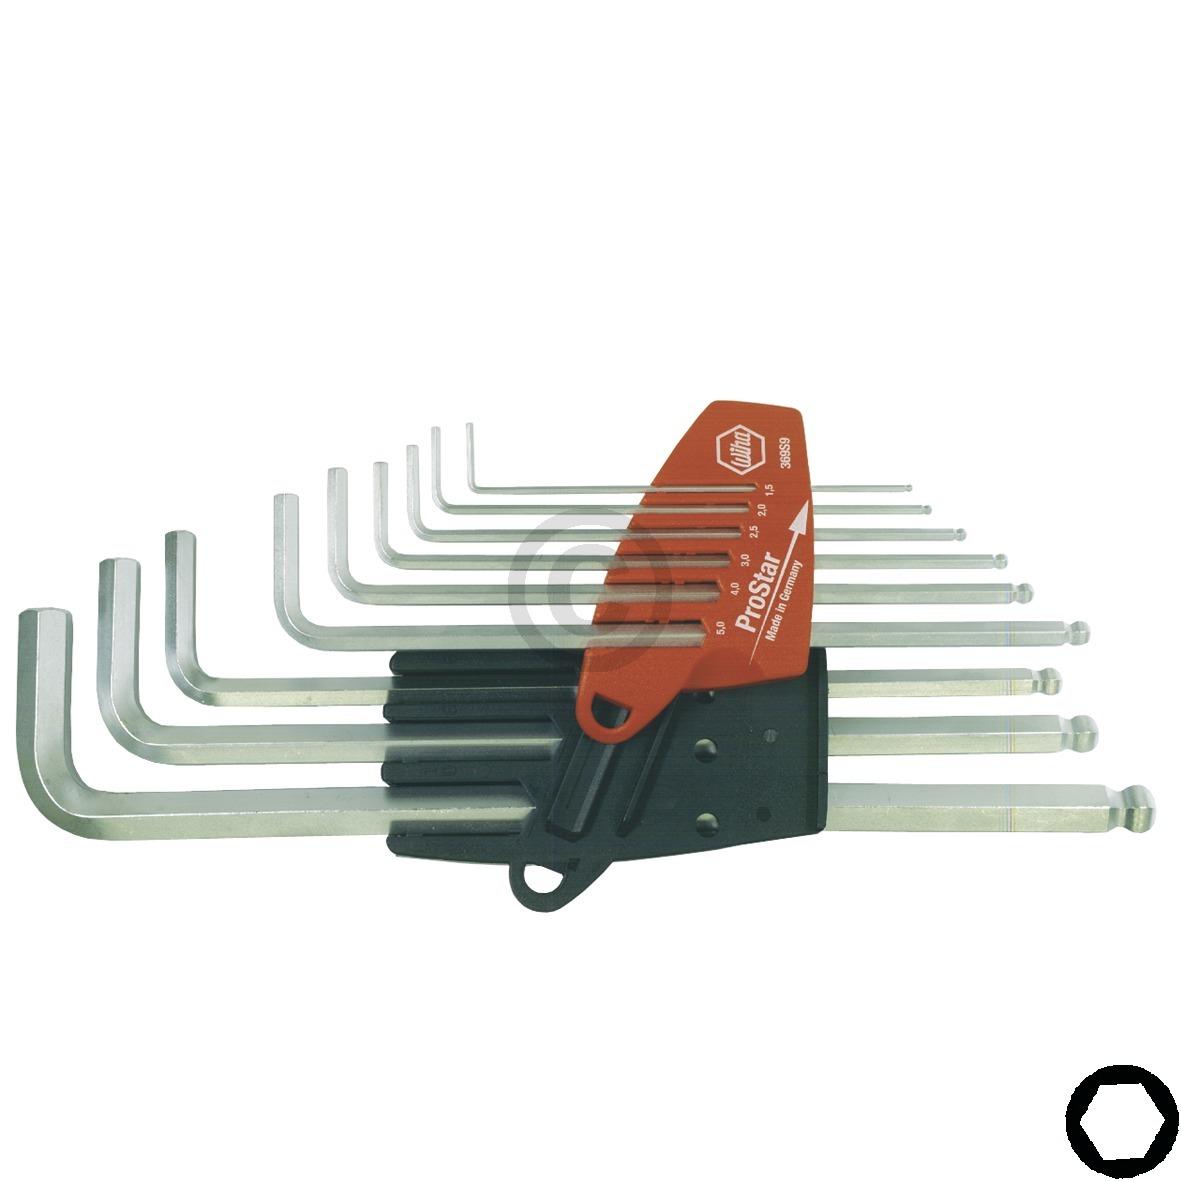 Stiftschlüsselsatz Sechskant-Kugelkopf im ProStar-Halter 07185